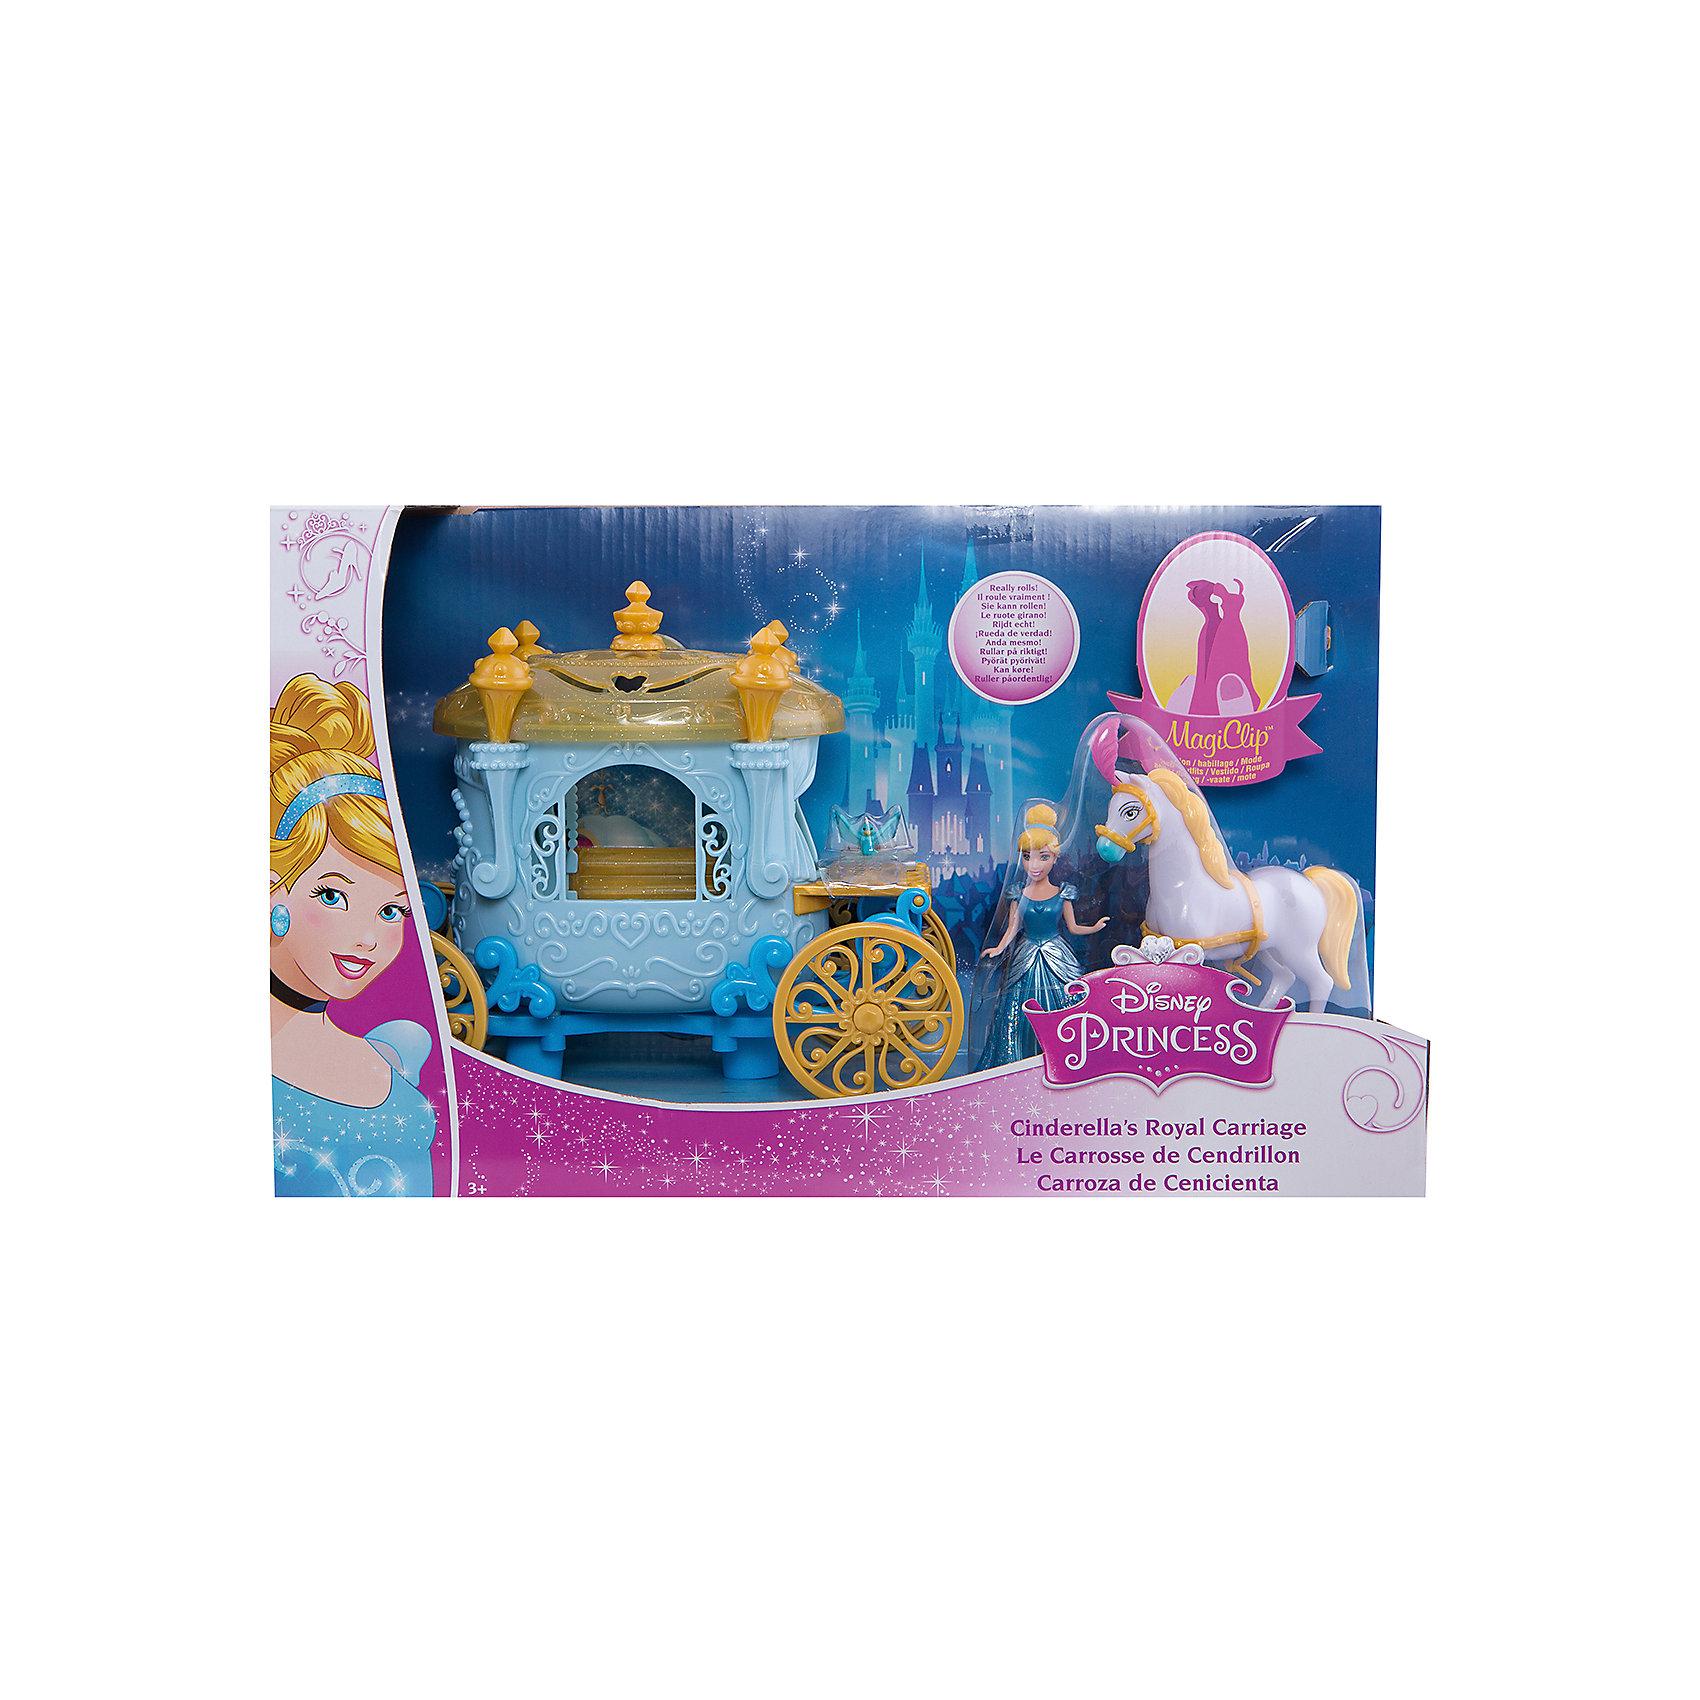 Mattel Кукла Золушка, в наборе с каретой и лошадью, Принцессы Дисней, Mattel кукла золушка 7 5 см принцессы дисней